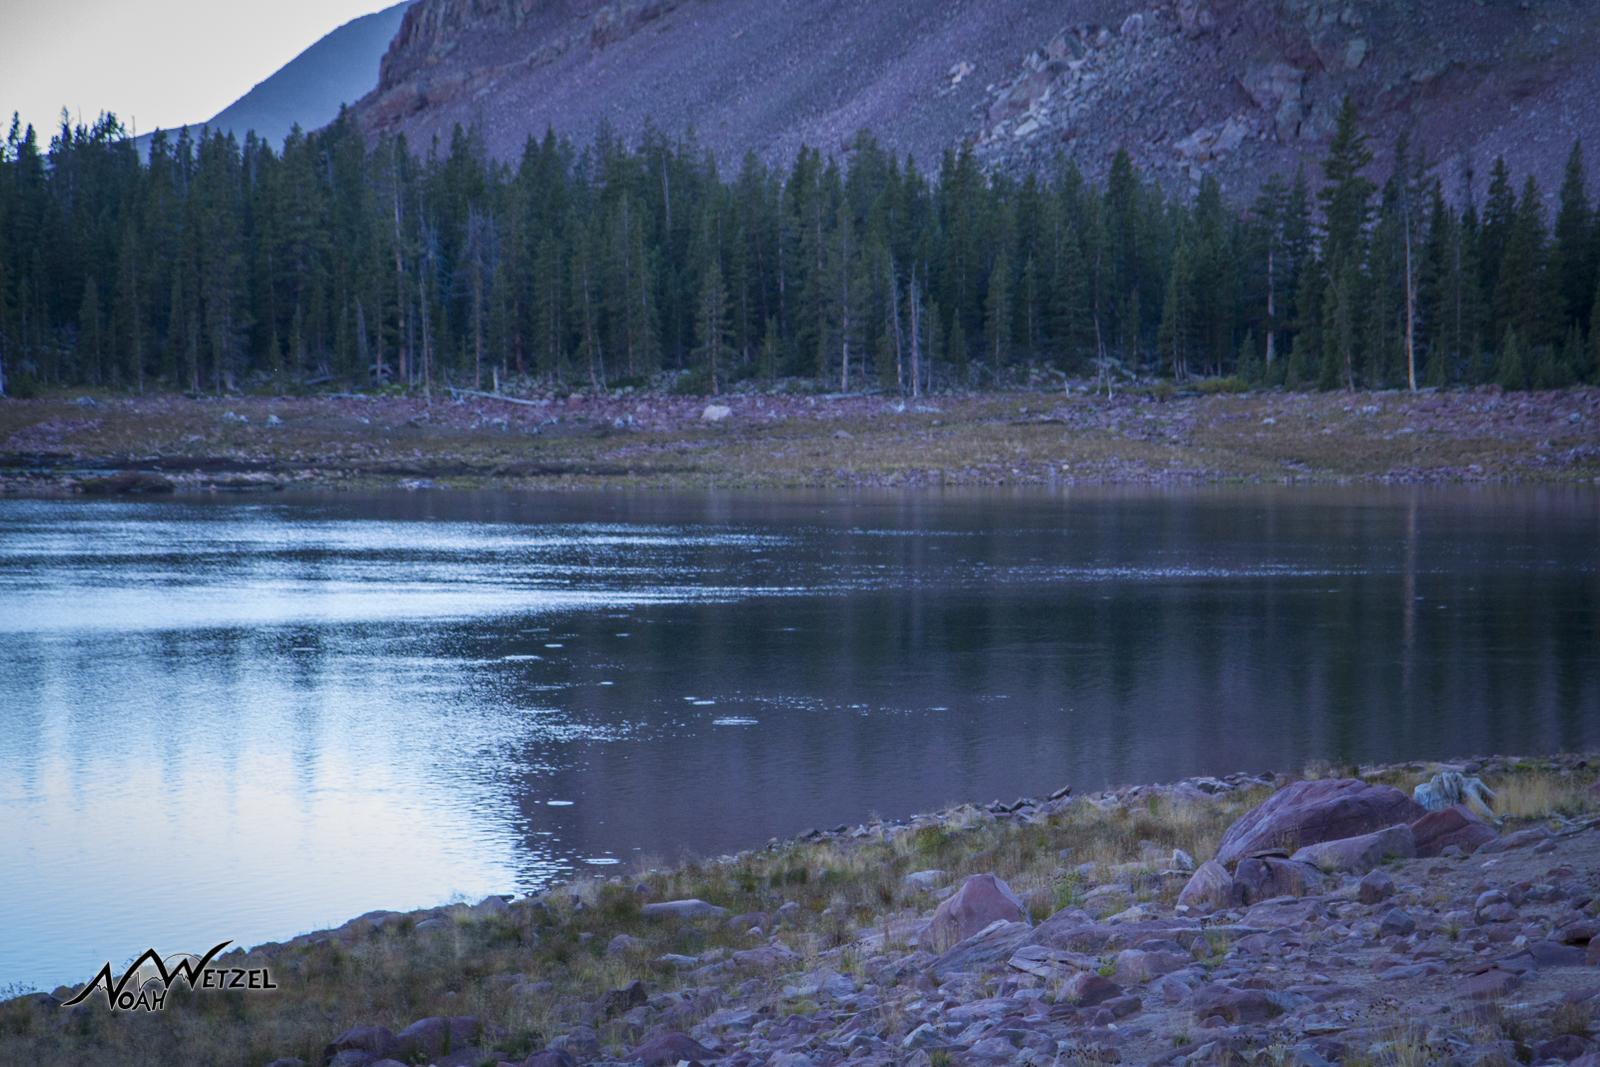 Fish a rising at sunset on East Timothy Lake. High Uintas Wilderness. Utah